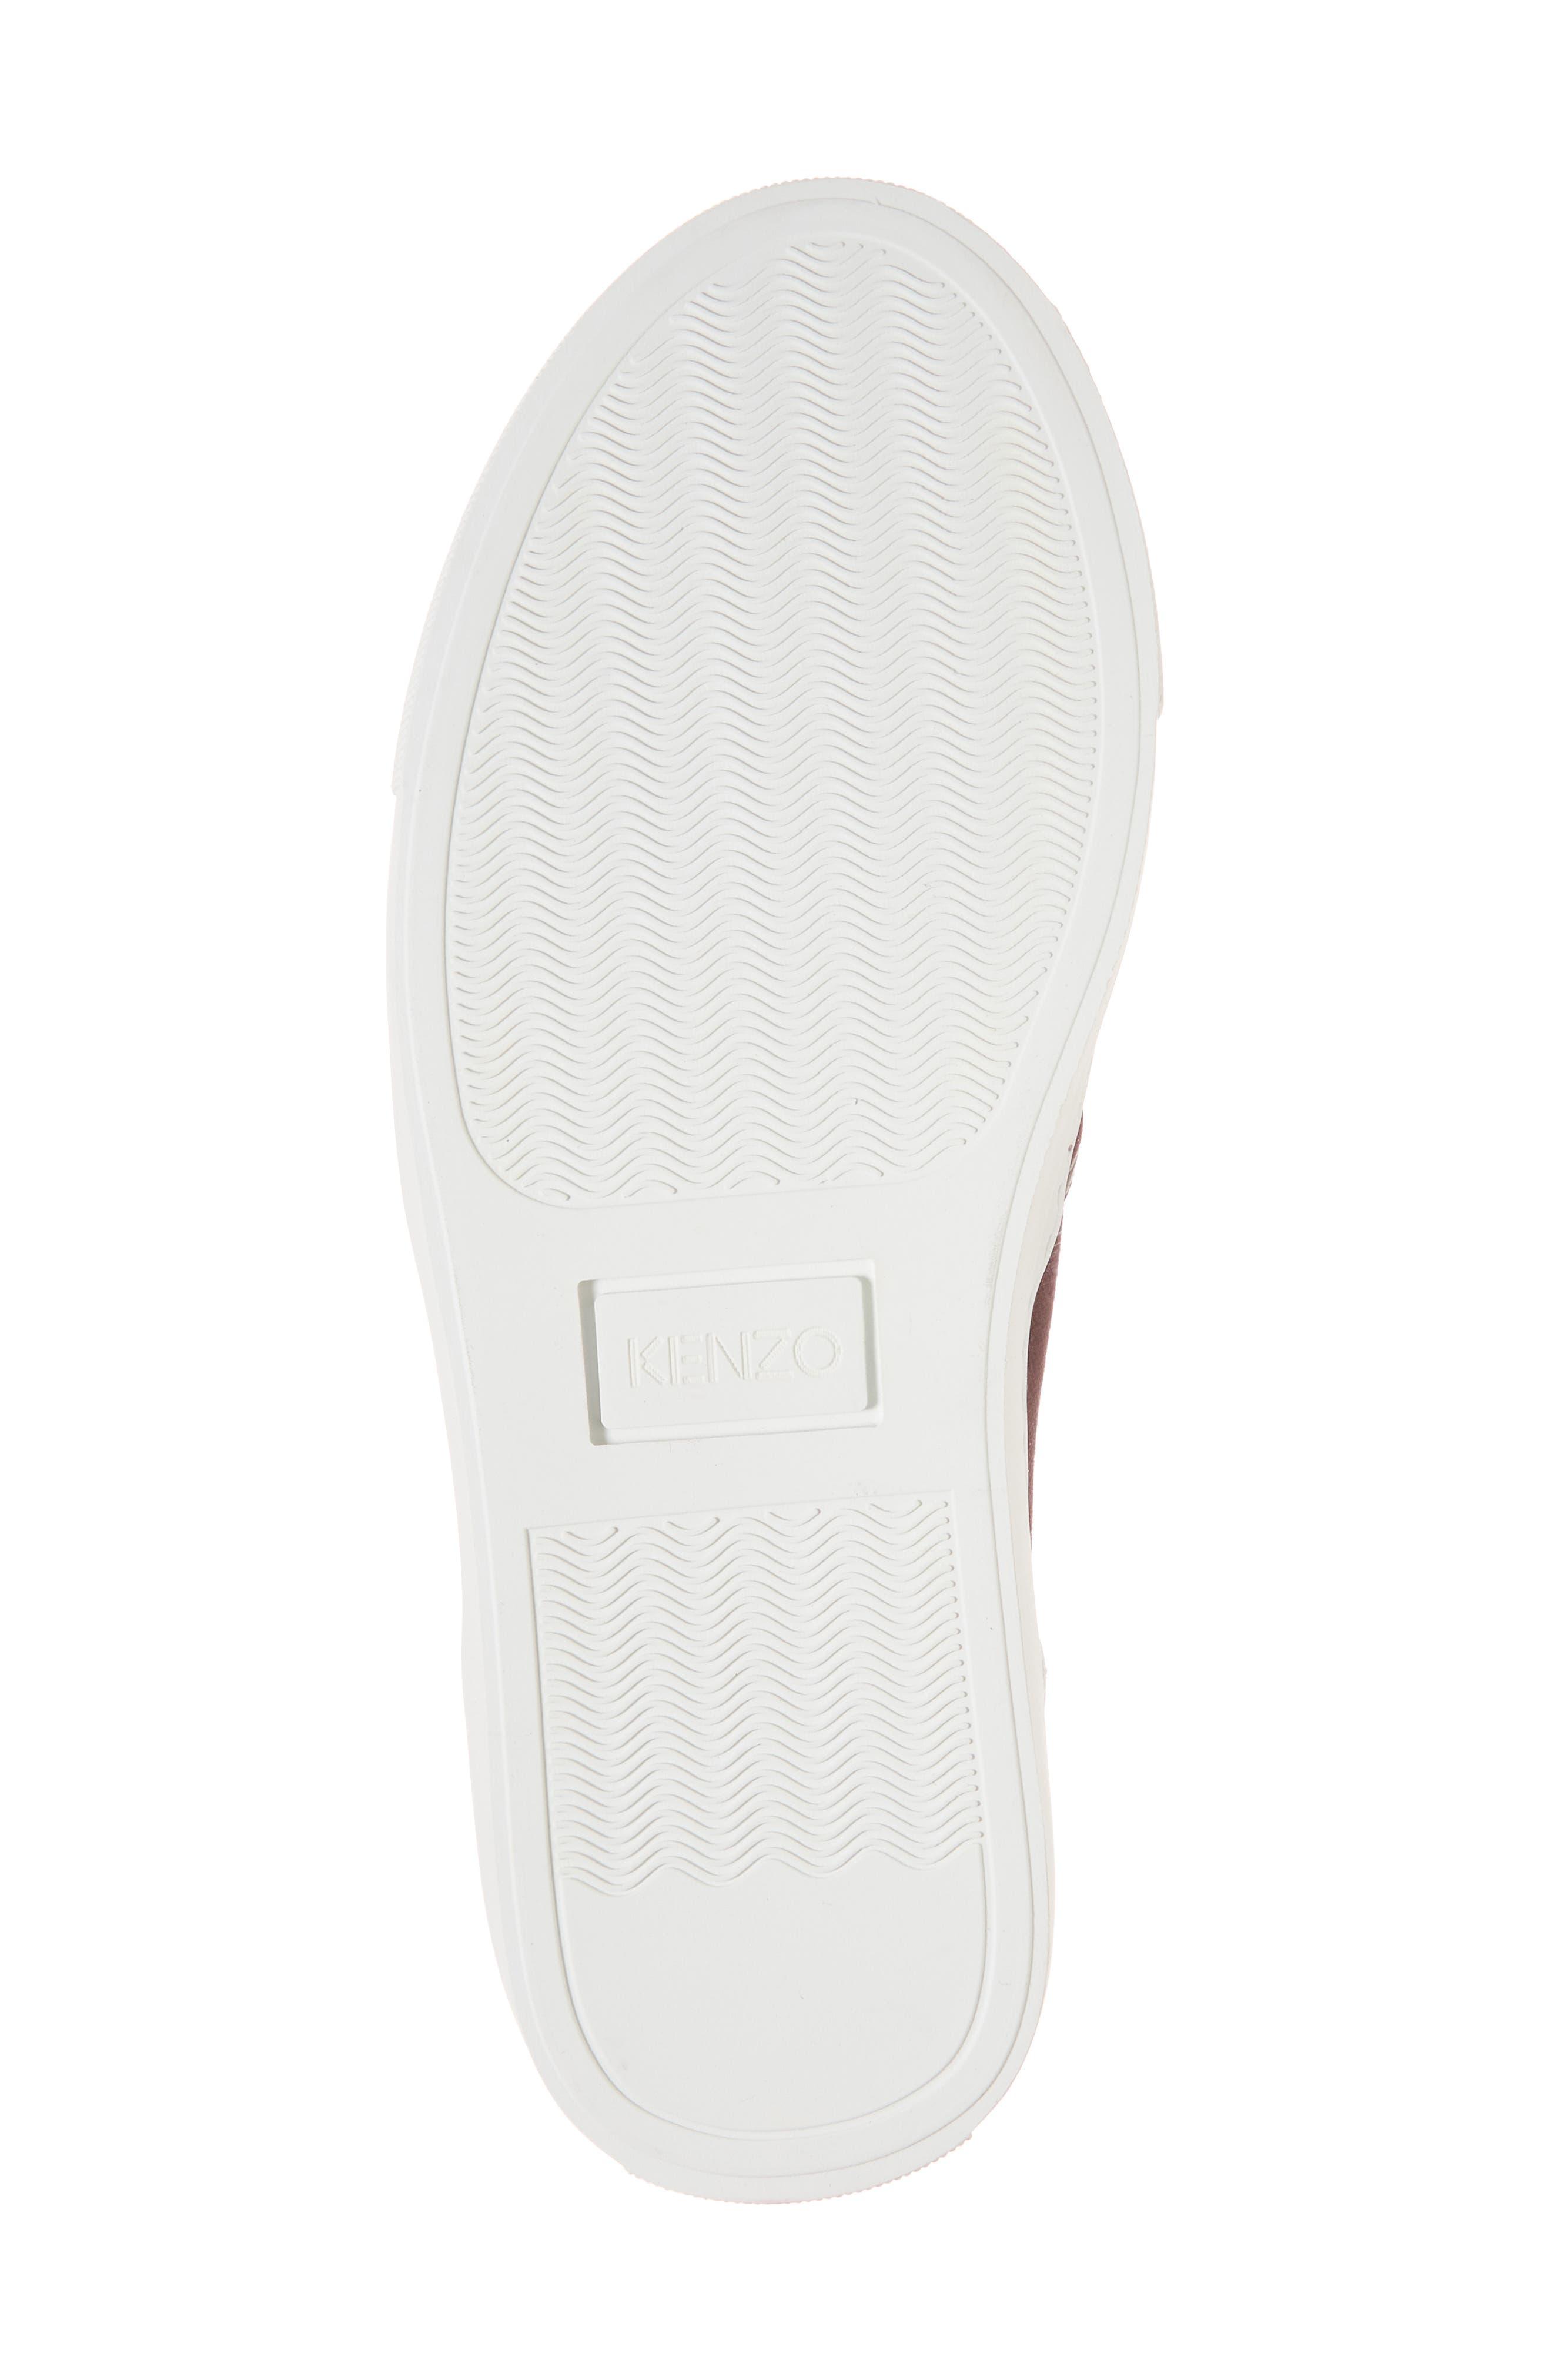 K Skate Embroidered Slip-On Sneaker,                             Alternate thumbnail 5, color,                             Bordeaux